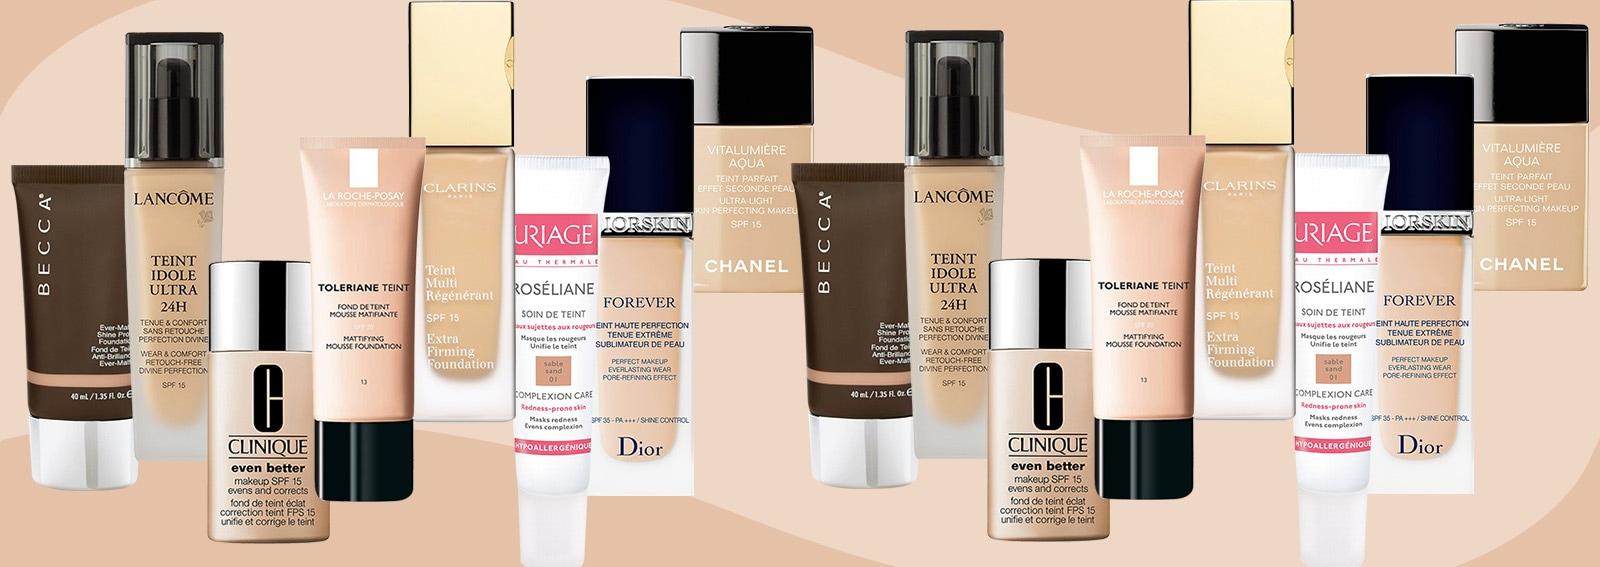 Fondotinta scegliete il prodotto che fa per voi in base al tipo di pelle-desktop